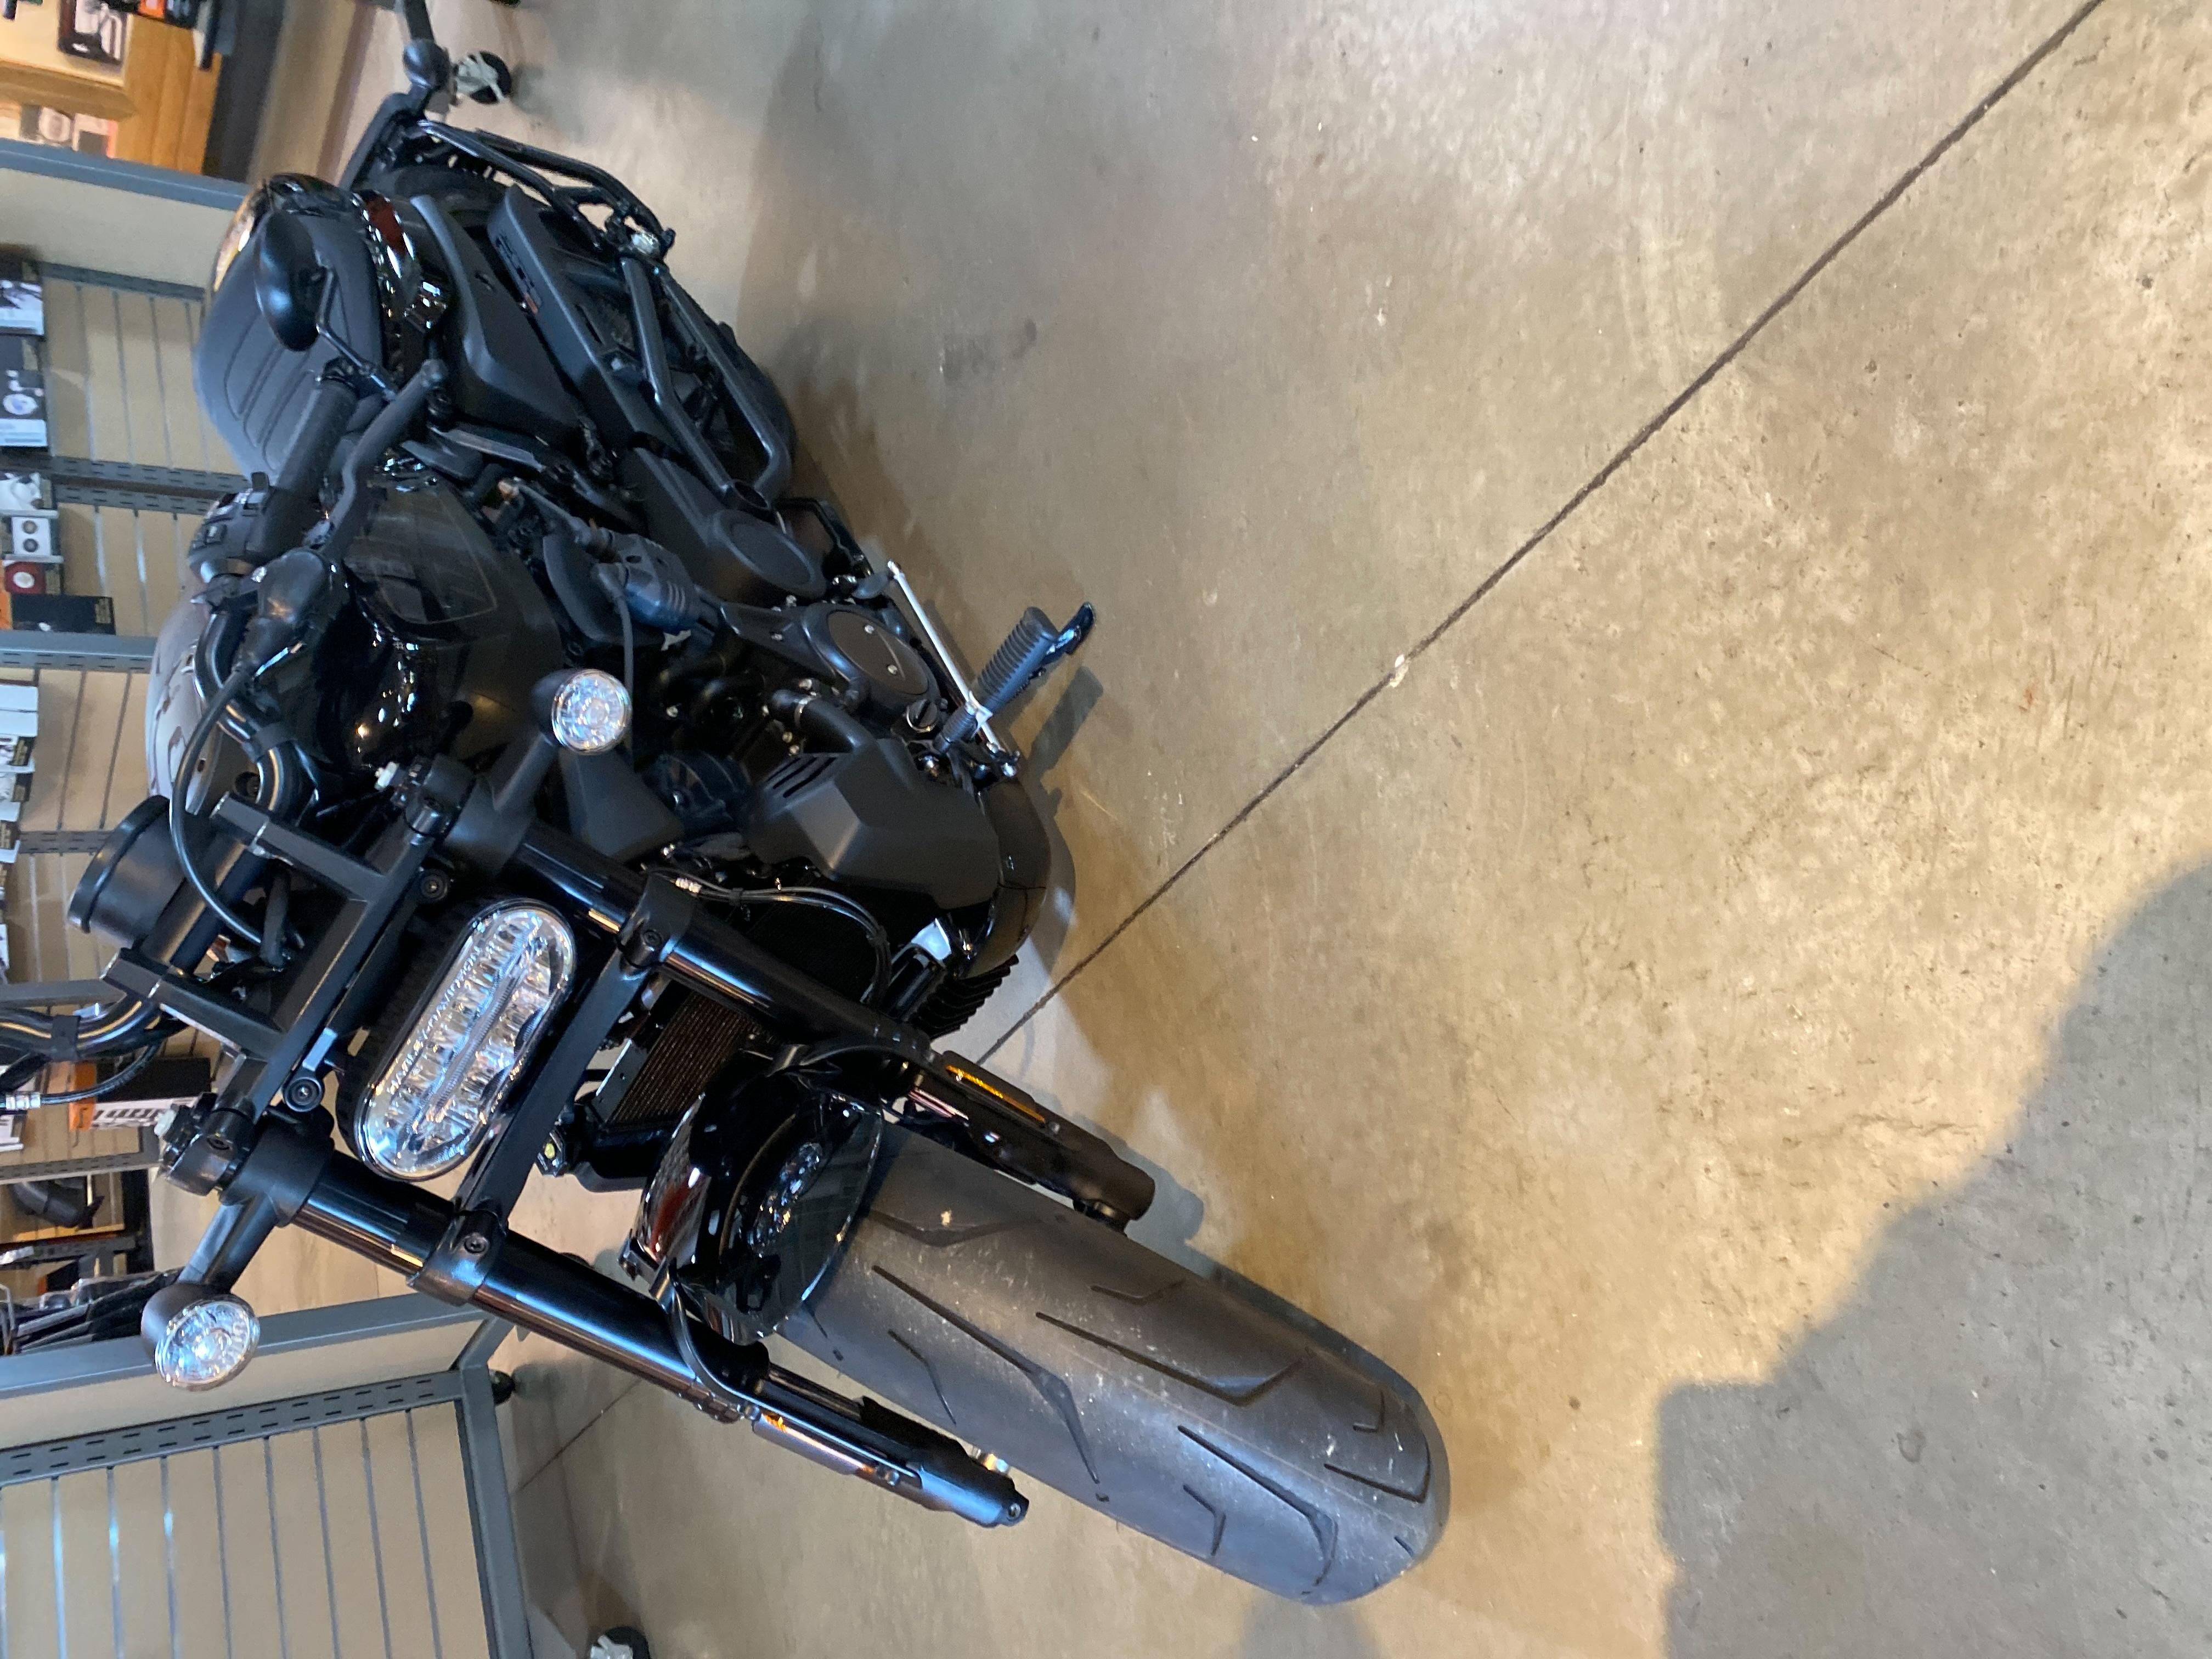 2021 Harley-Davidson Sportster S at Outpost Harley-Davidson